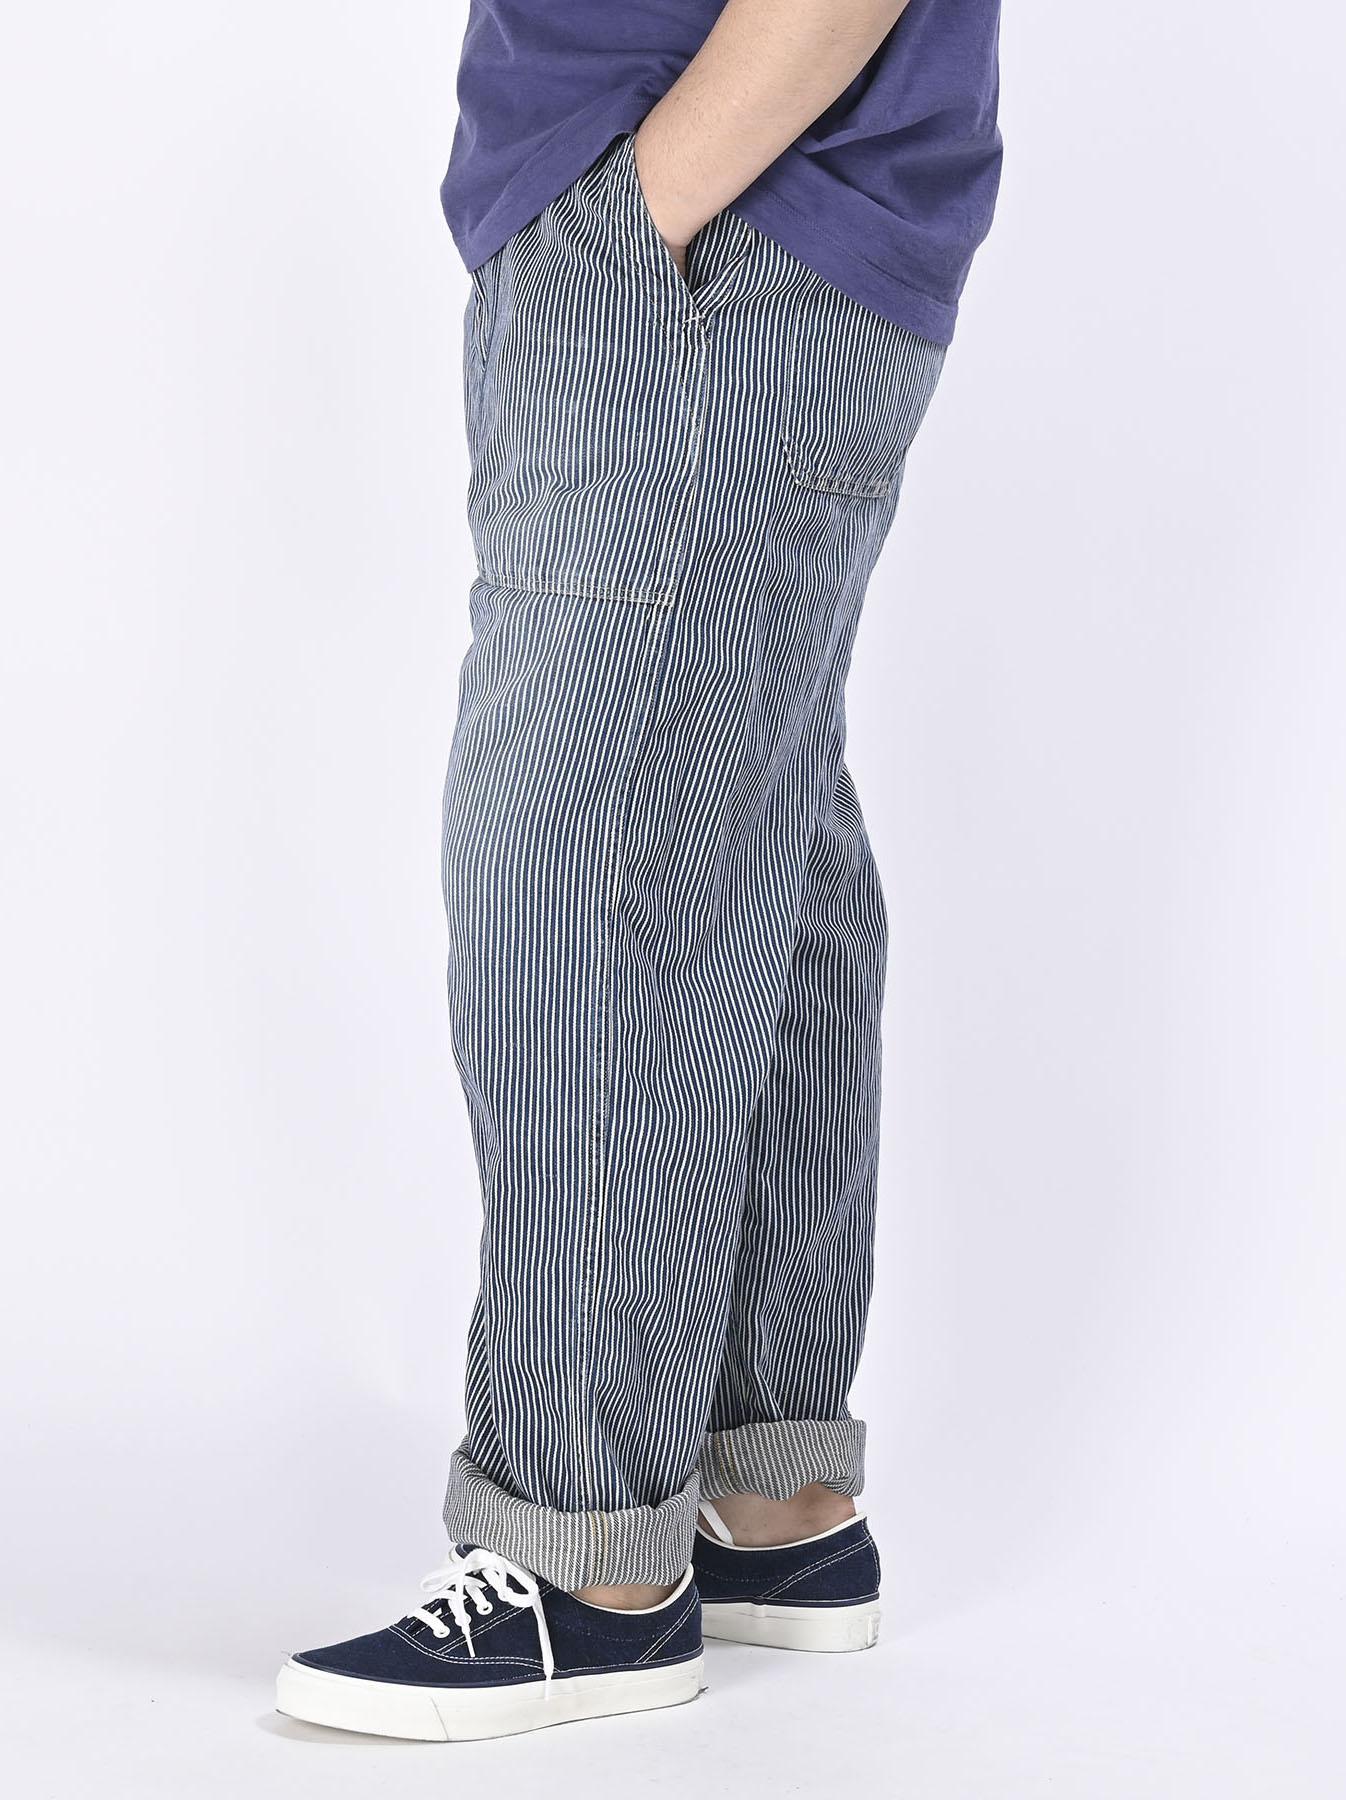 Komugi Cotton Denim 908 Baker Pants 2 (0521)-6